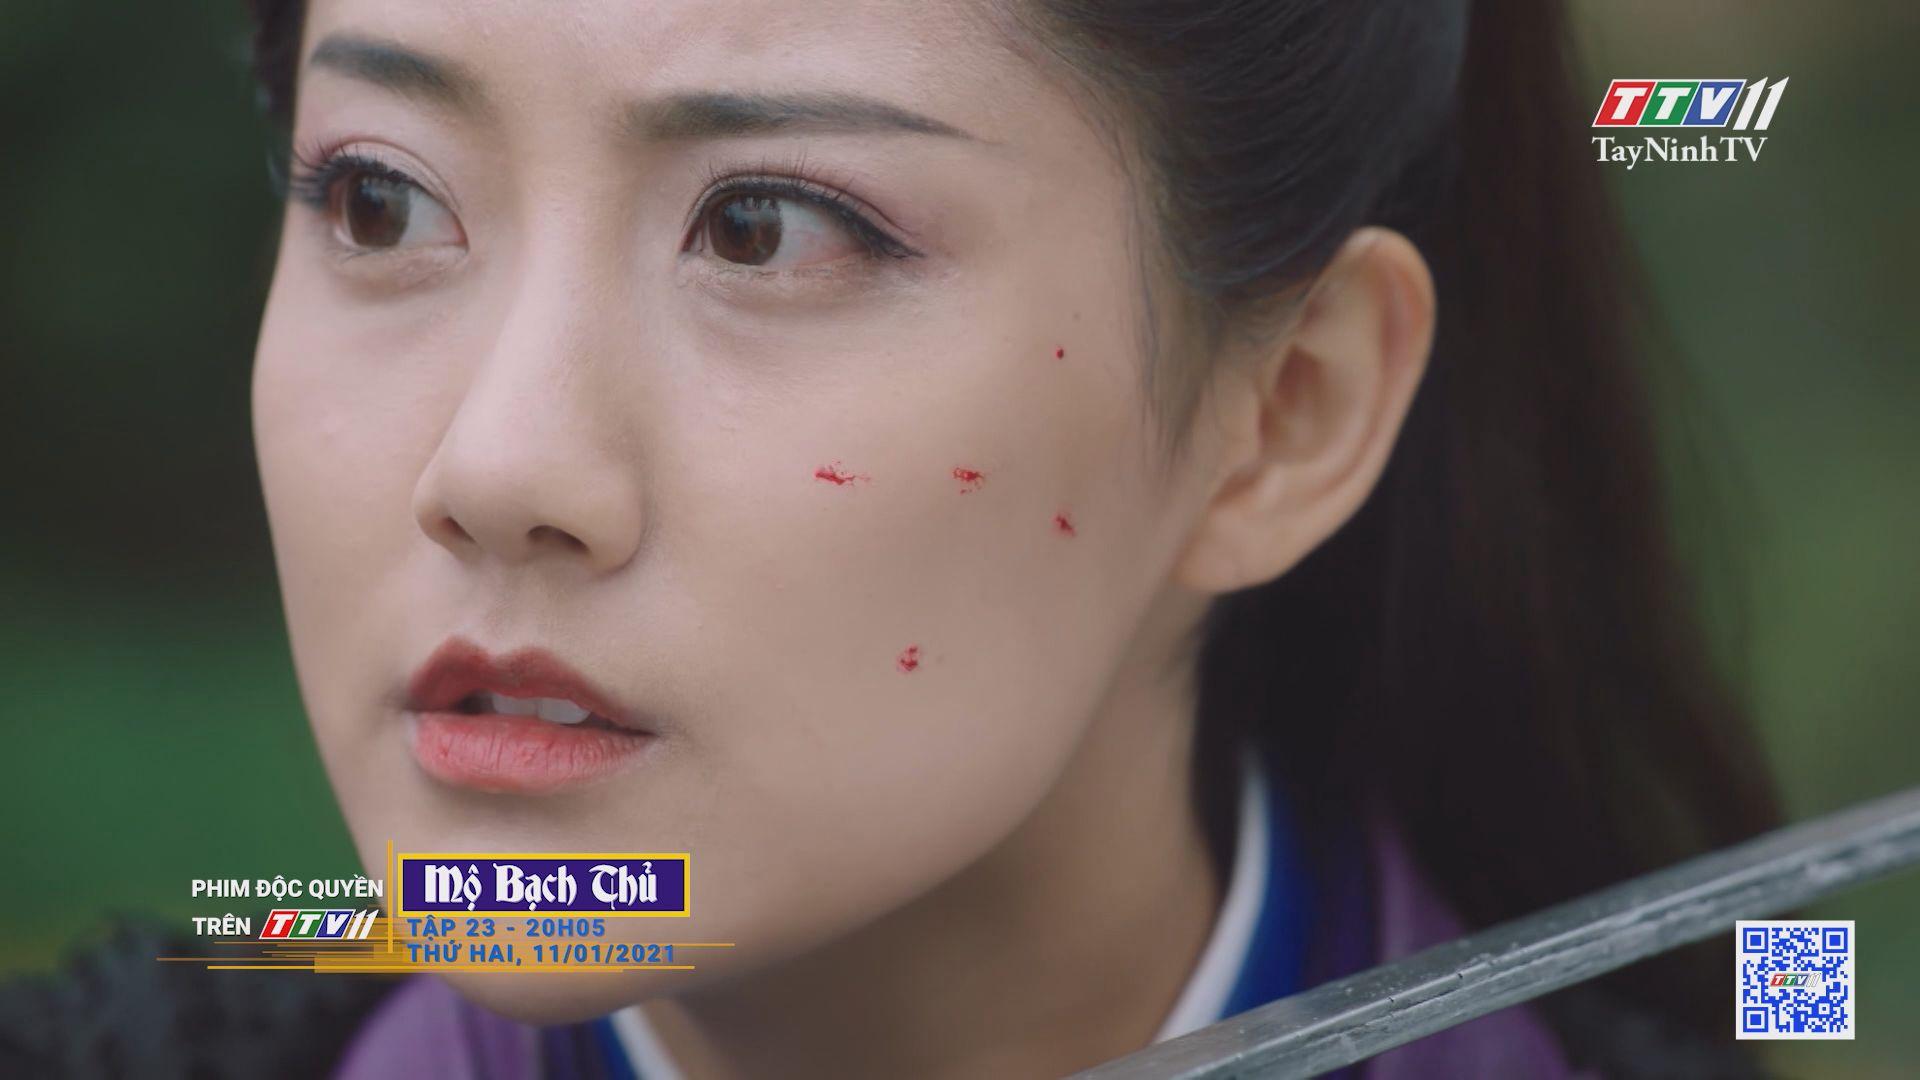 Mộ Bạch Thủ-TẬP 23 trailer | PHIM MỘ BẠCH THỦ | TayNinhTV